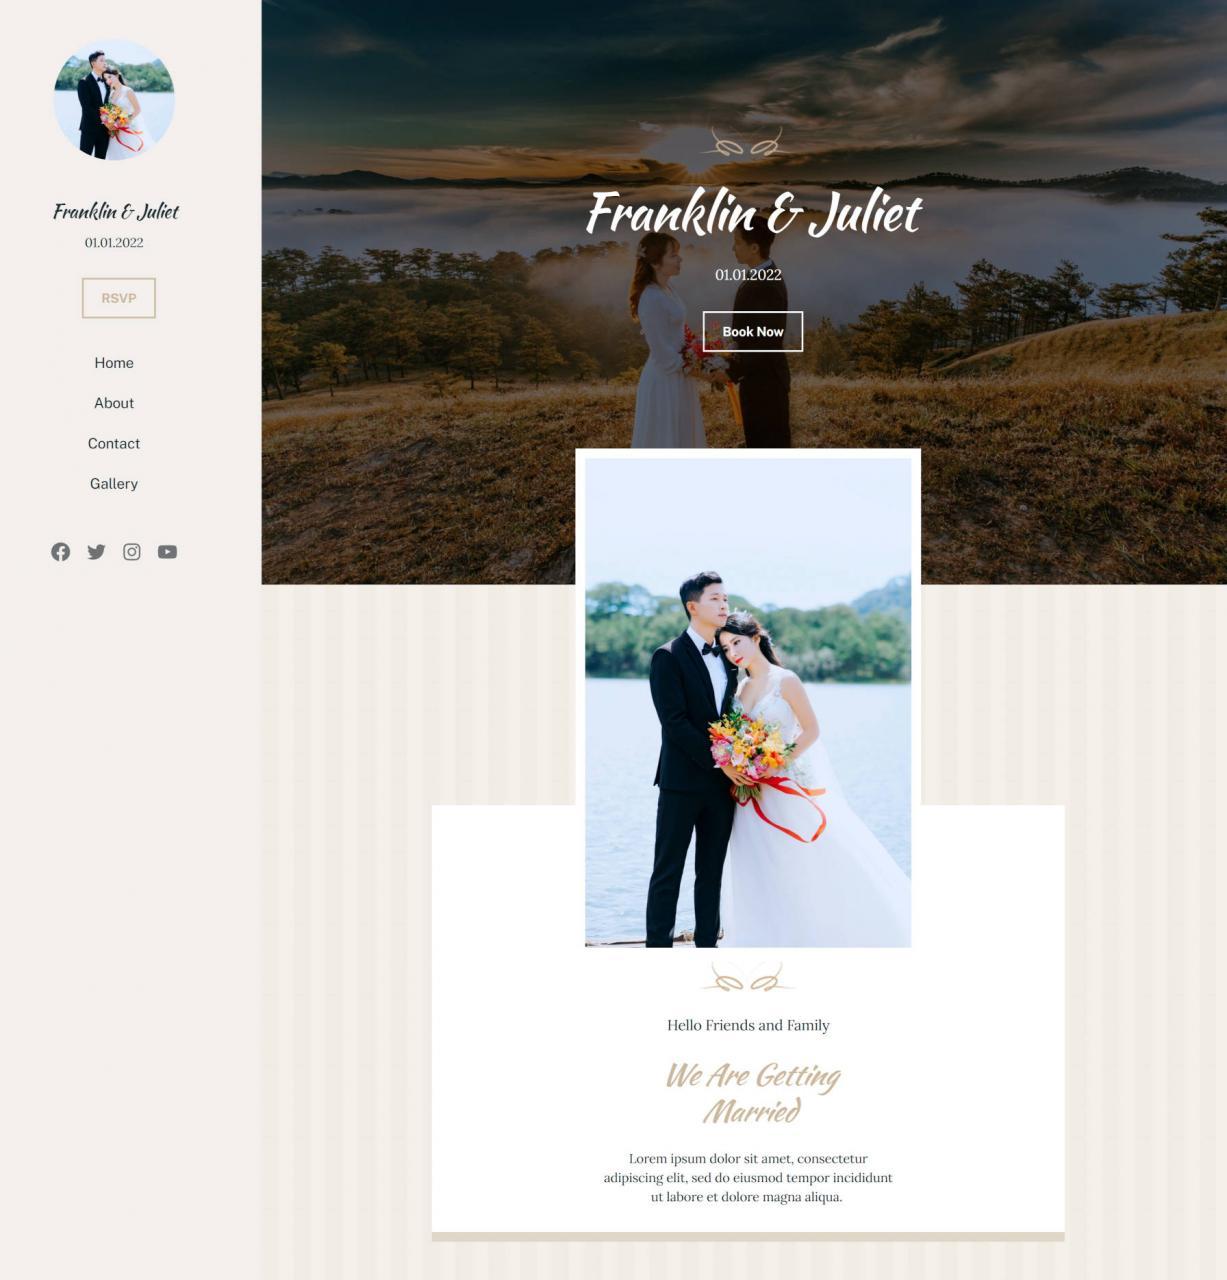 用block-editor-2重新创建经典的婚礼wordpress-主题主页-使用块编辑器重新创建经典的婚礼WordPress主题主页